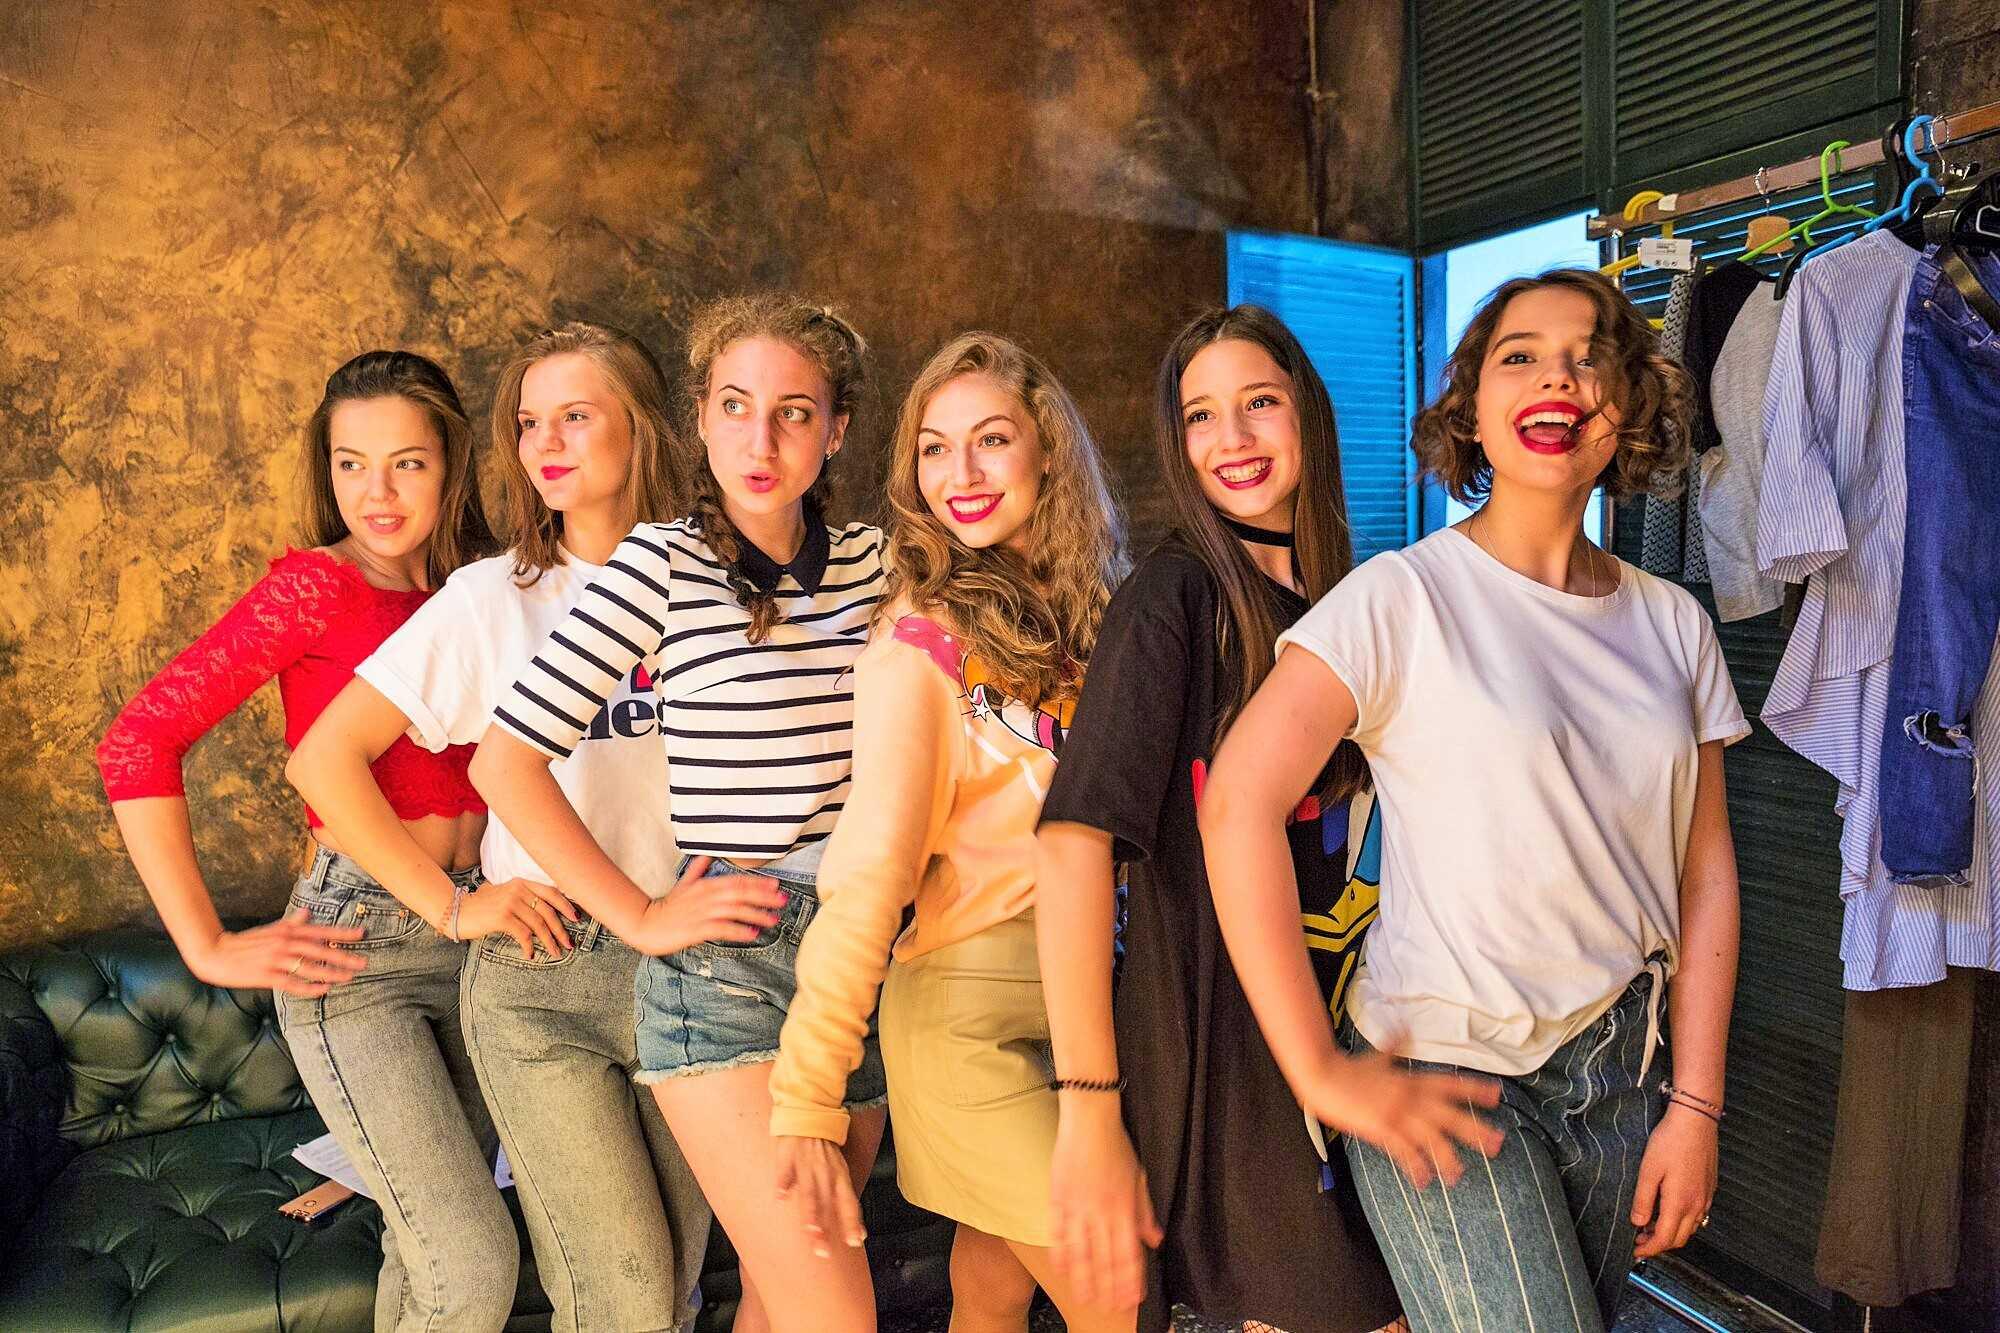 Лагеря для подростков на лето 2020: летние военные лагеря в россии, волонтерские и танцевальные, тематические и туристические